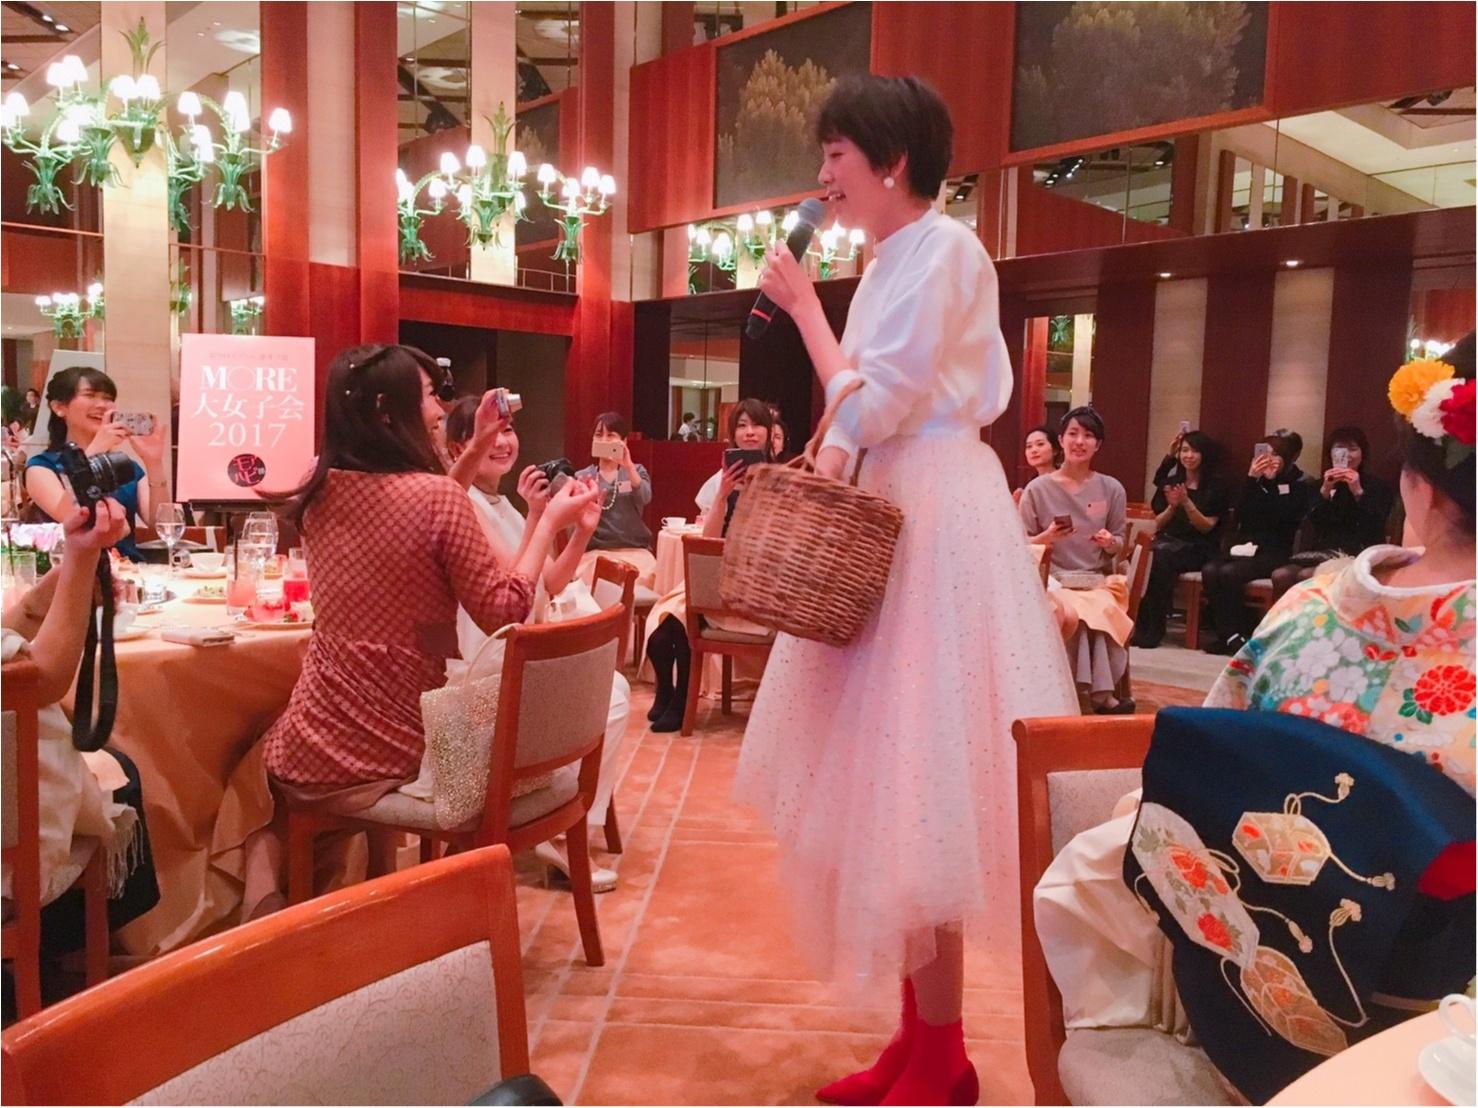 【MORE大女子会】読めばあなたもキラキラ!?♡パークハイアット東京で夢のよな素敵時間レポート!_15